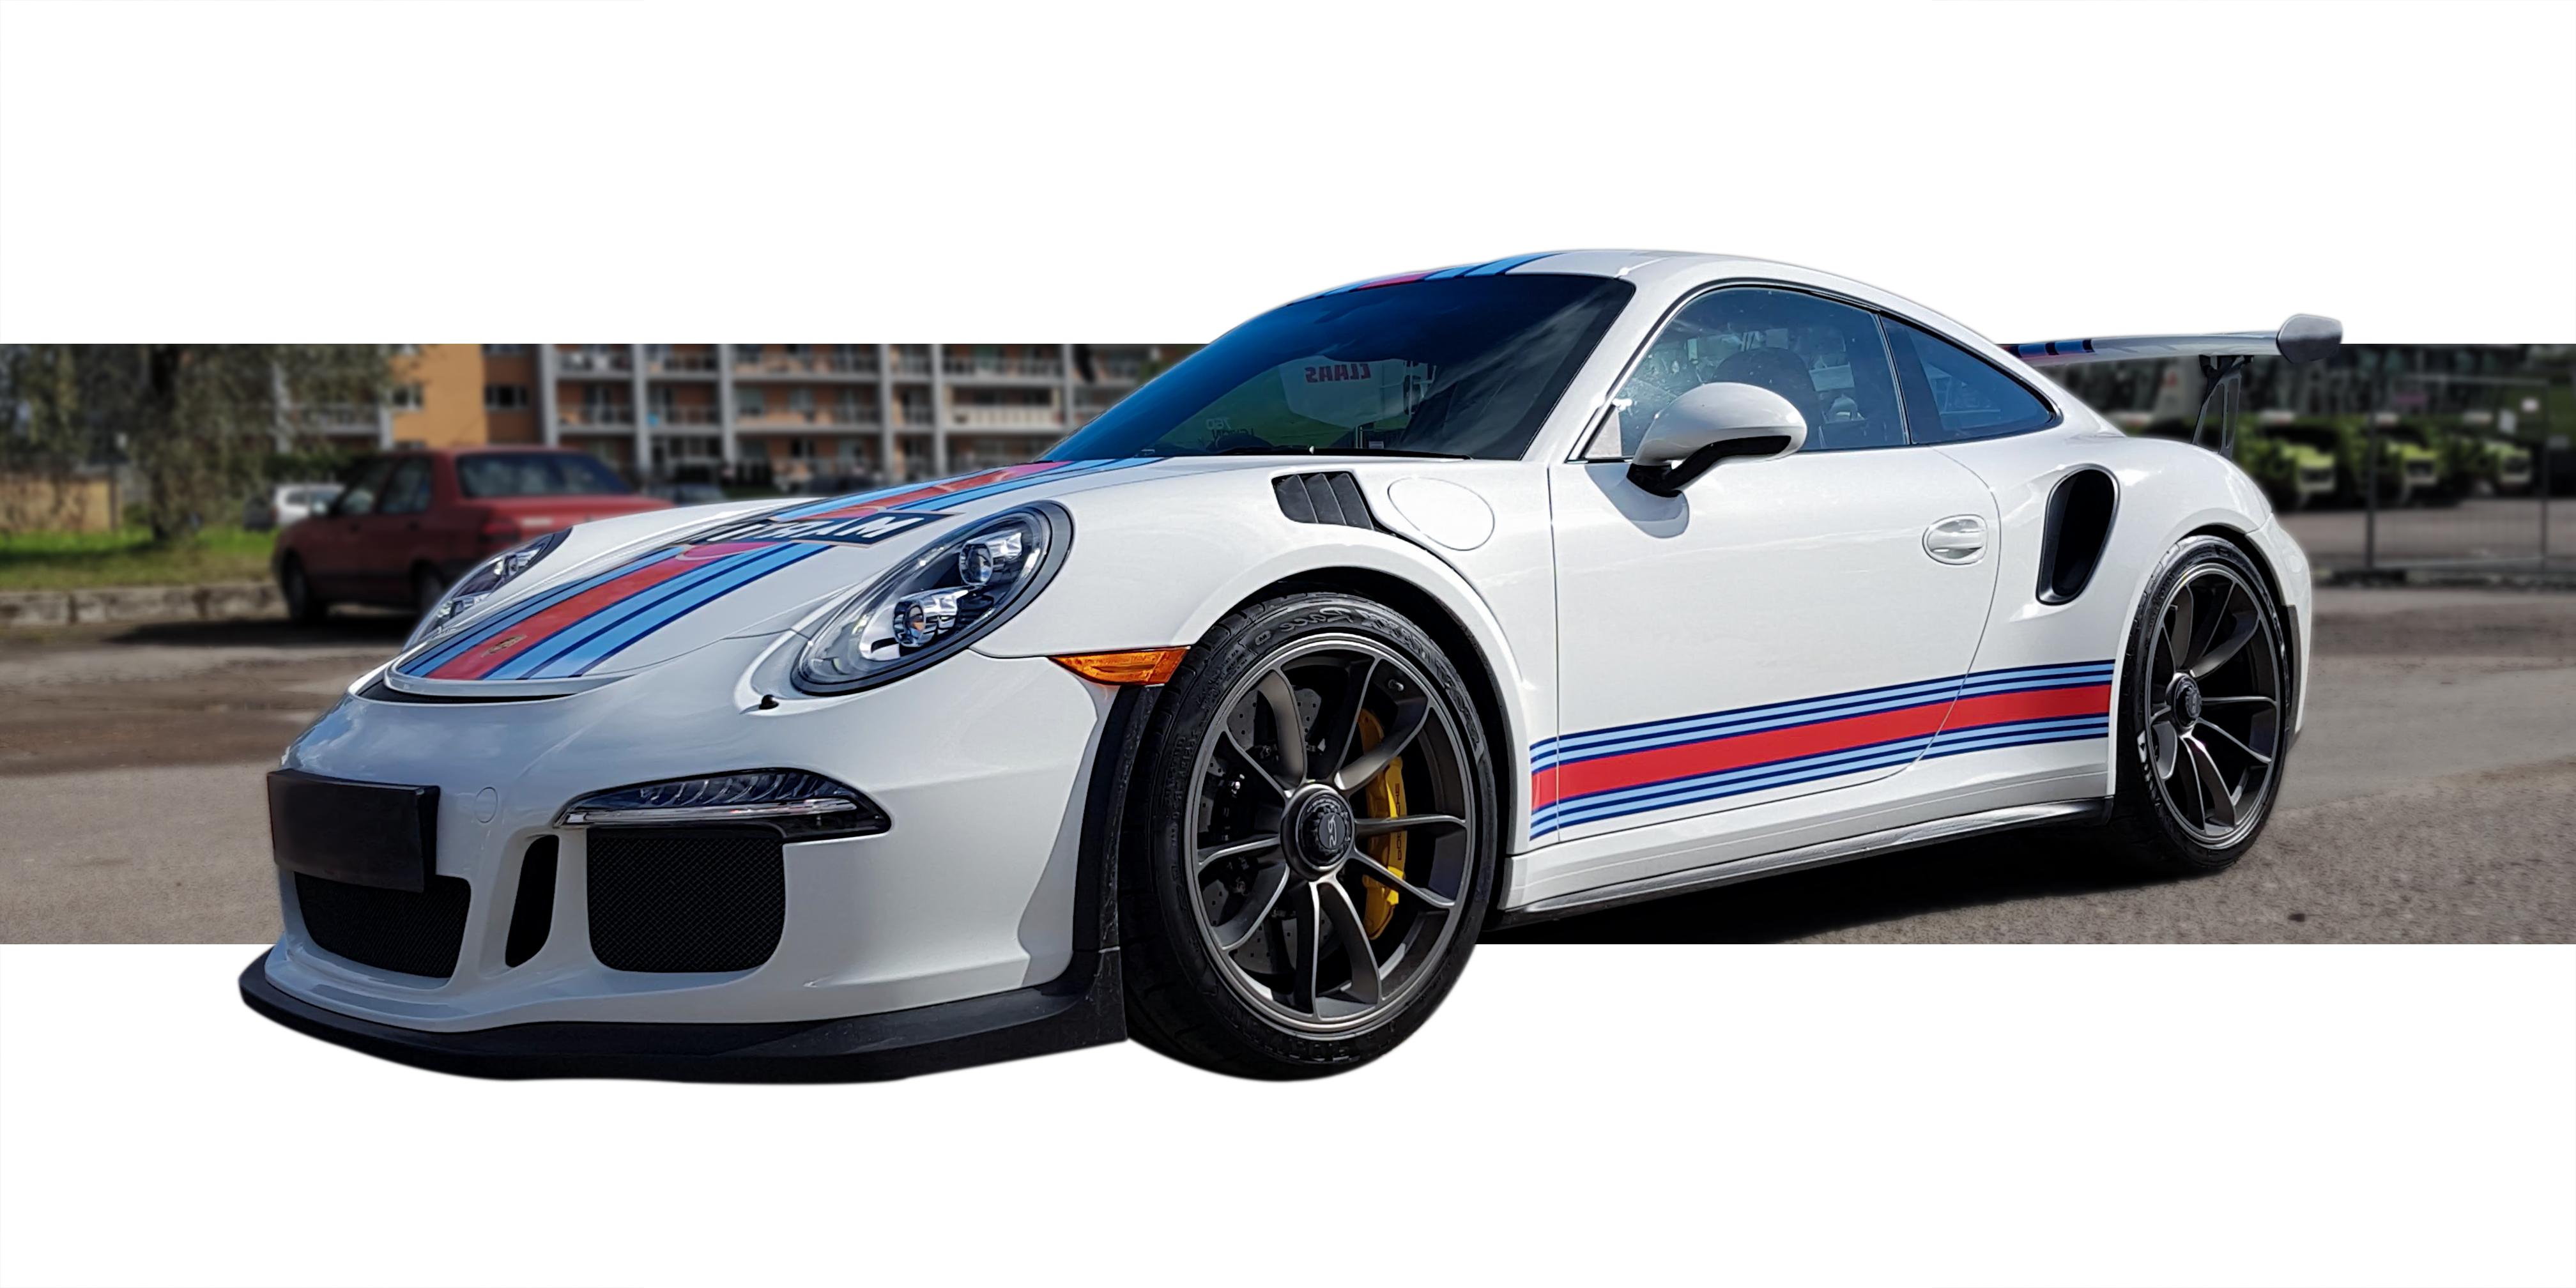 Martini Racing Stripes In 2021 Martini Racing Stripes Porsche Racing Stripes